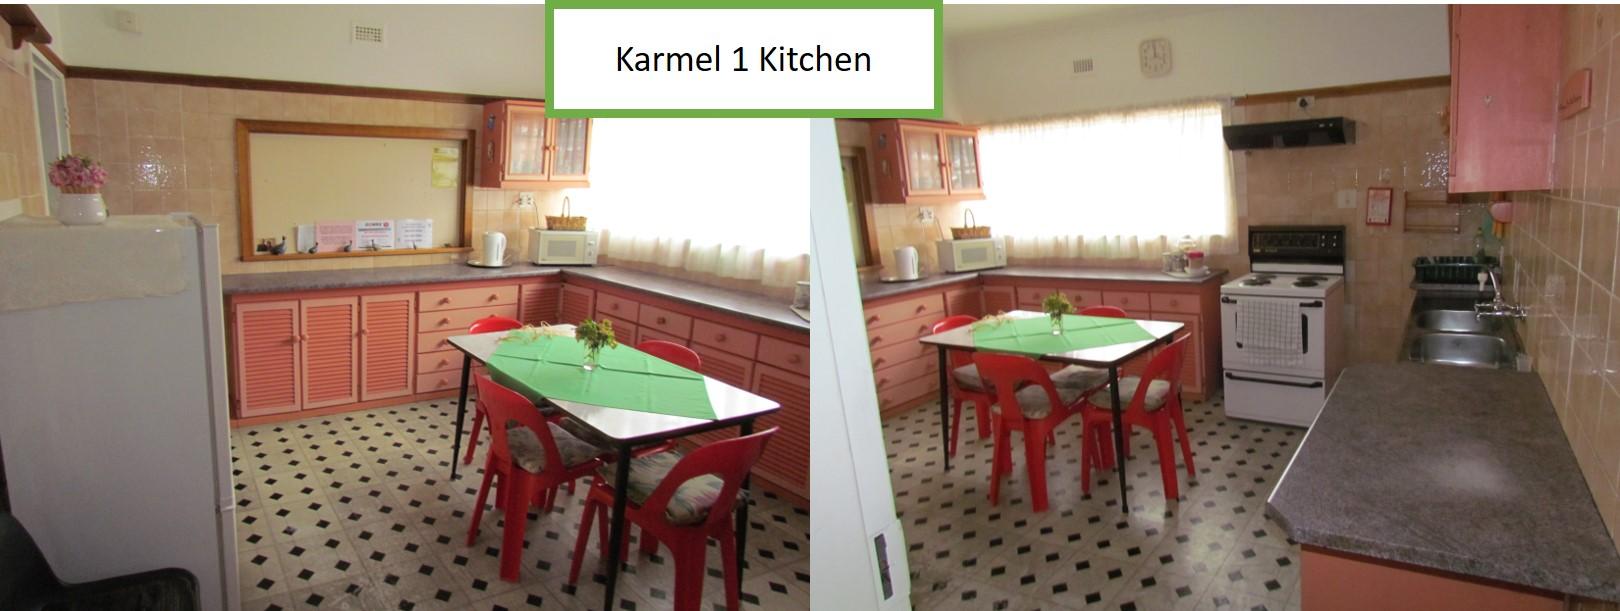 Karmel 1 Kitchen